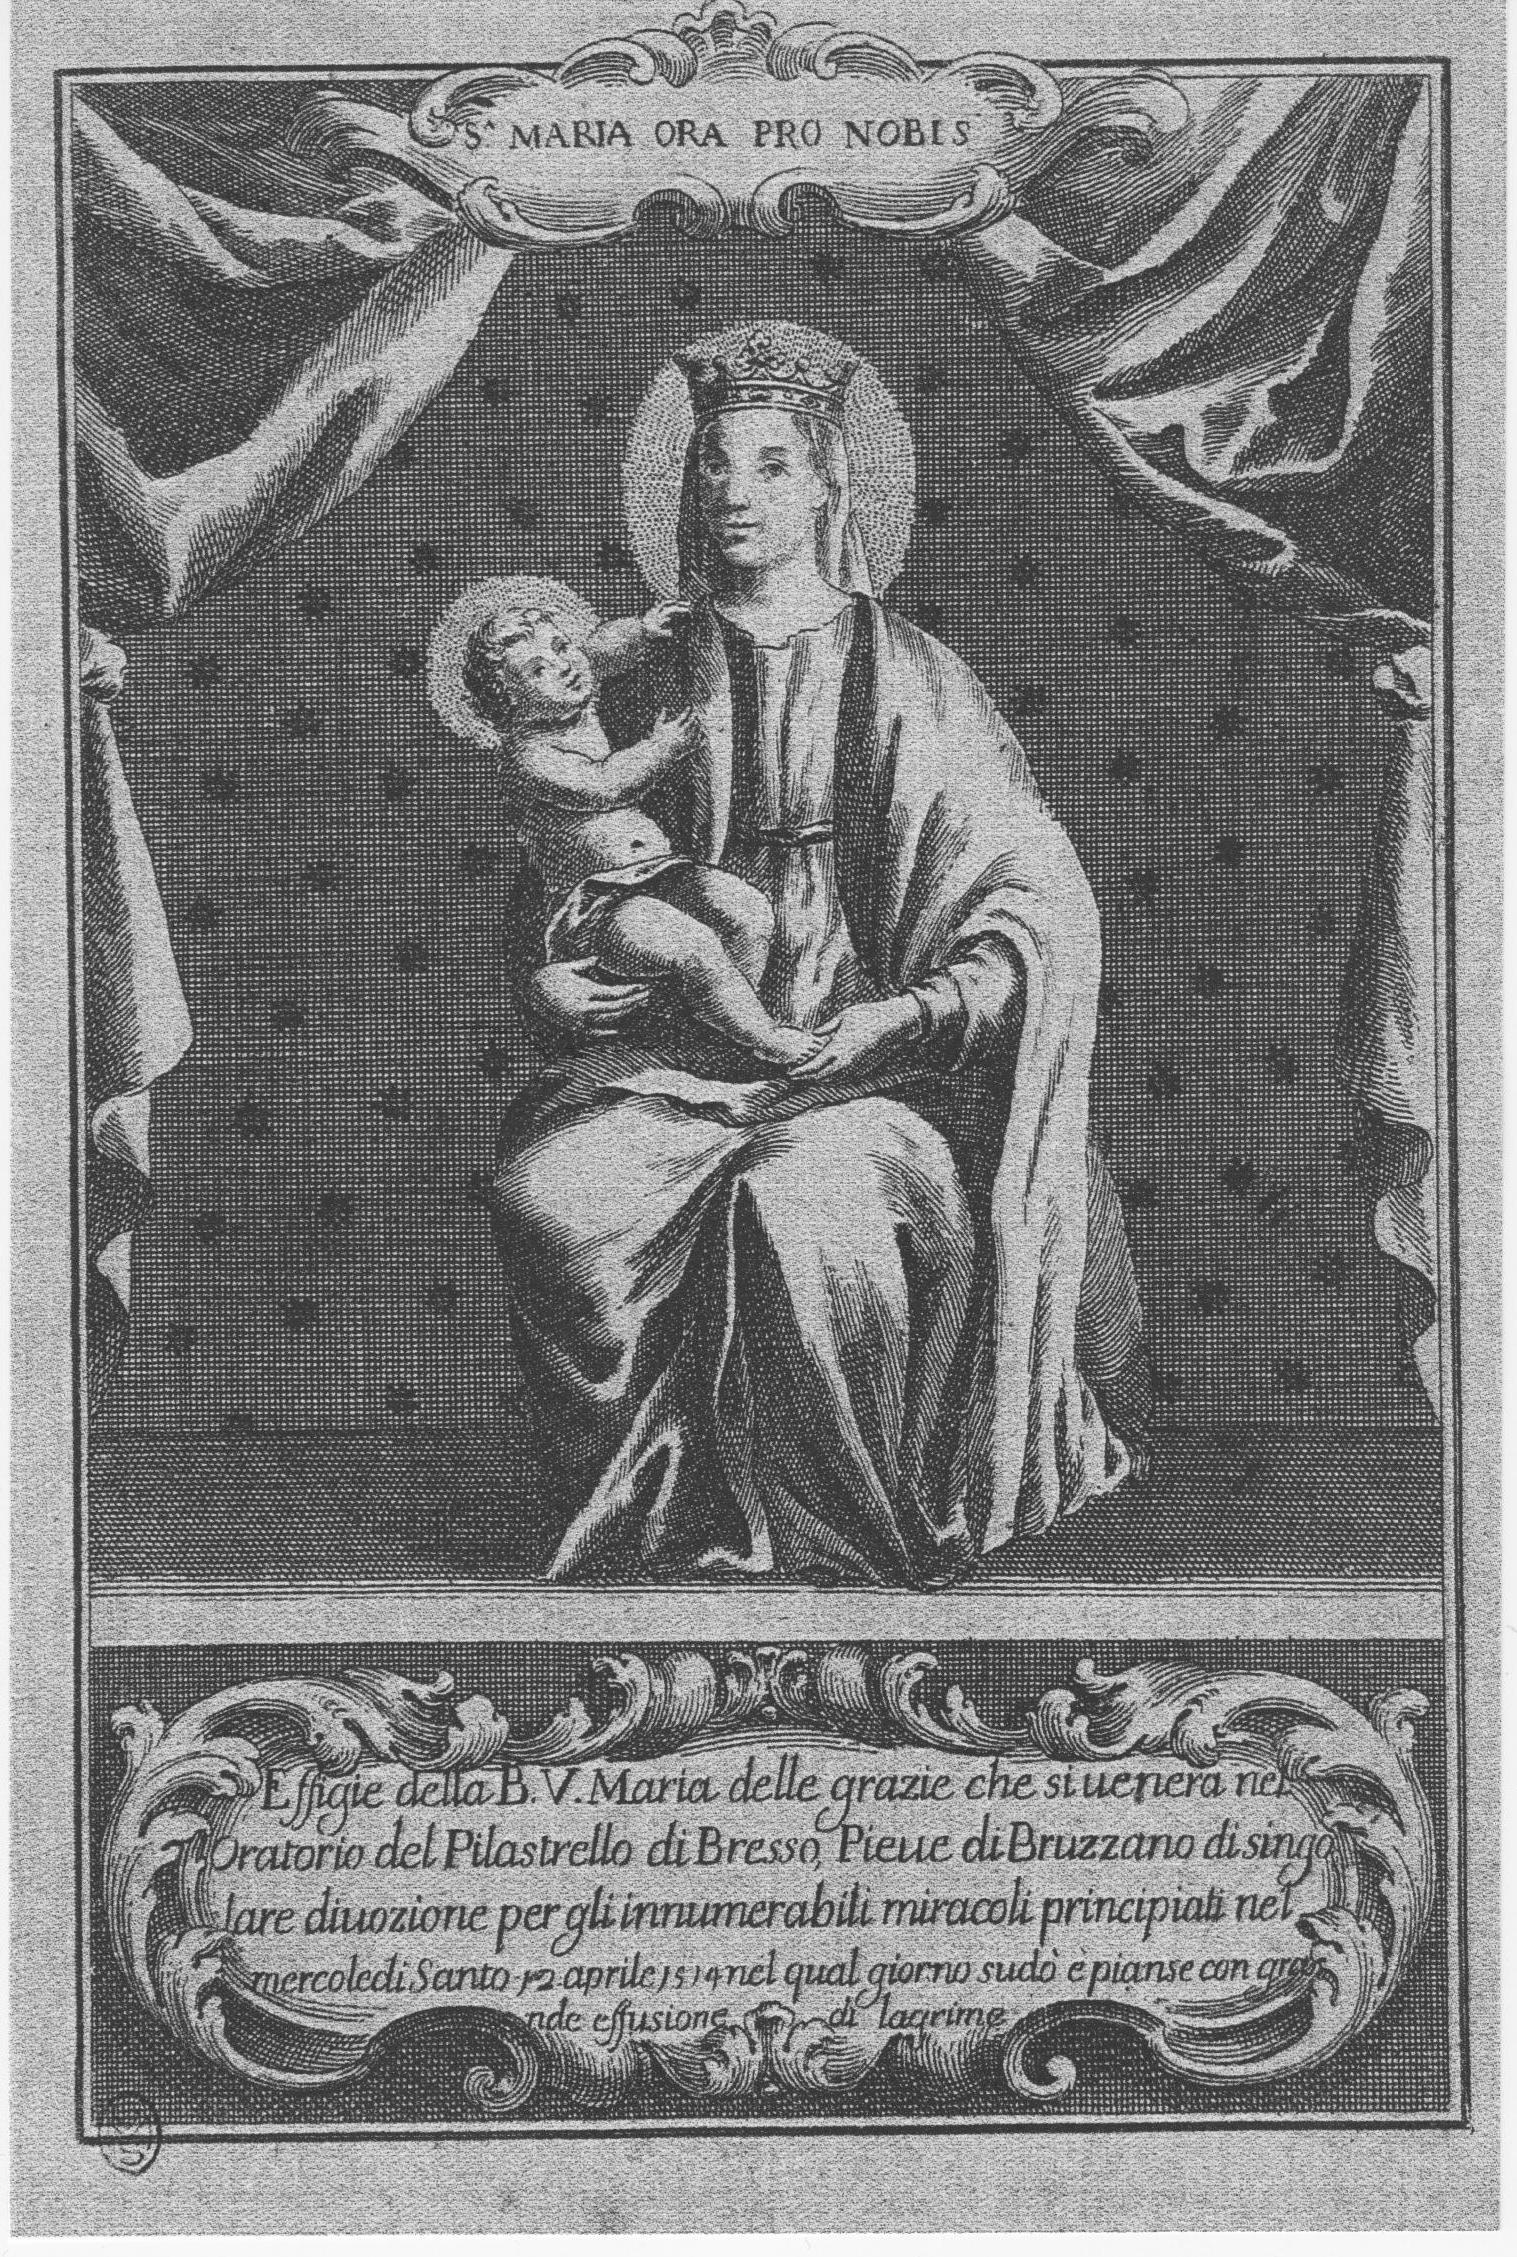 La Madonna del Pilastrello pianse